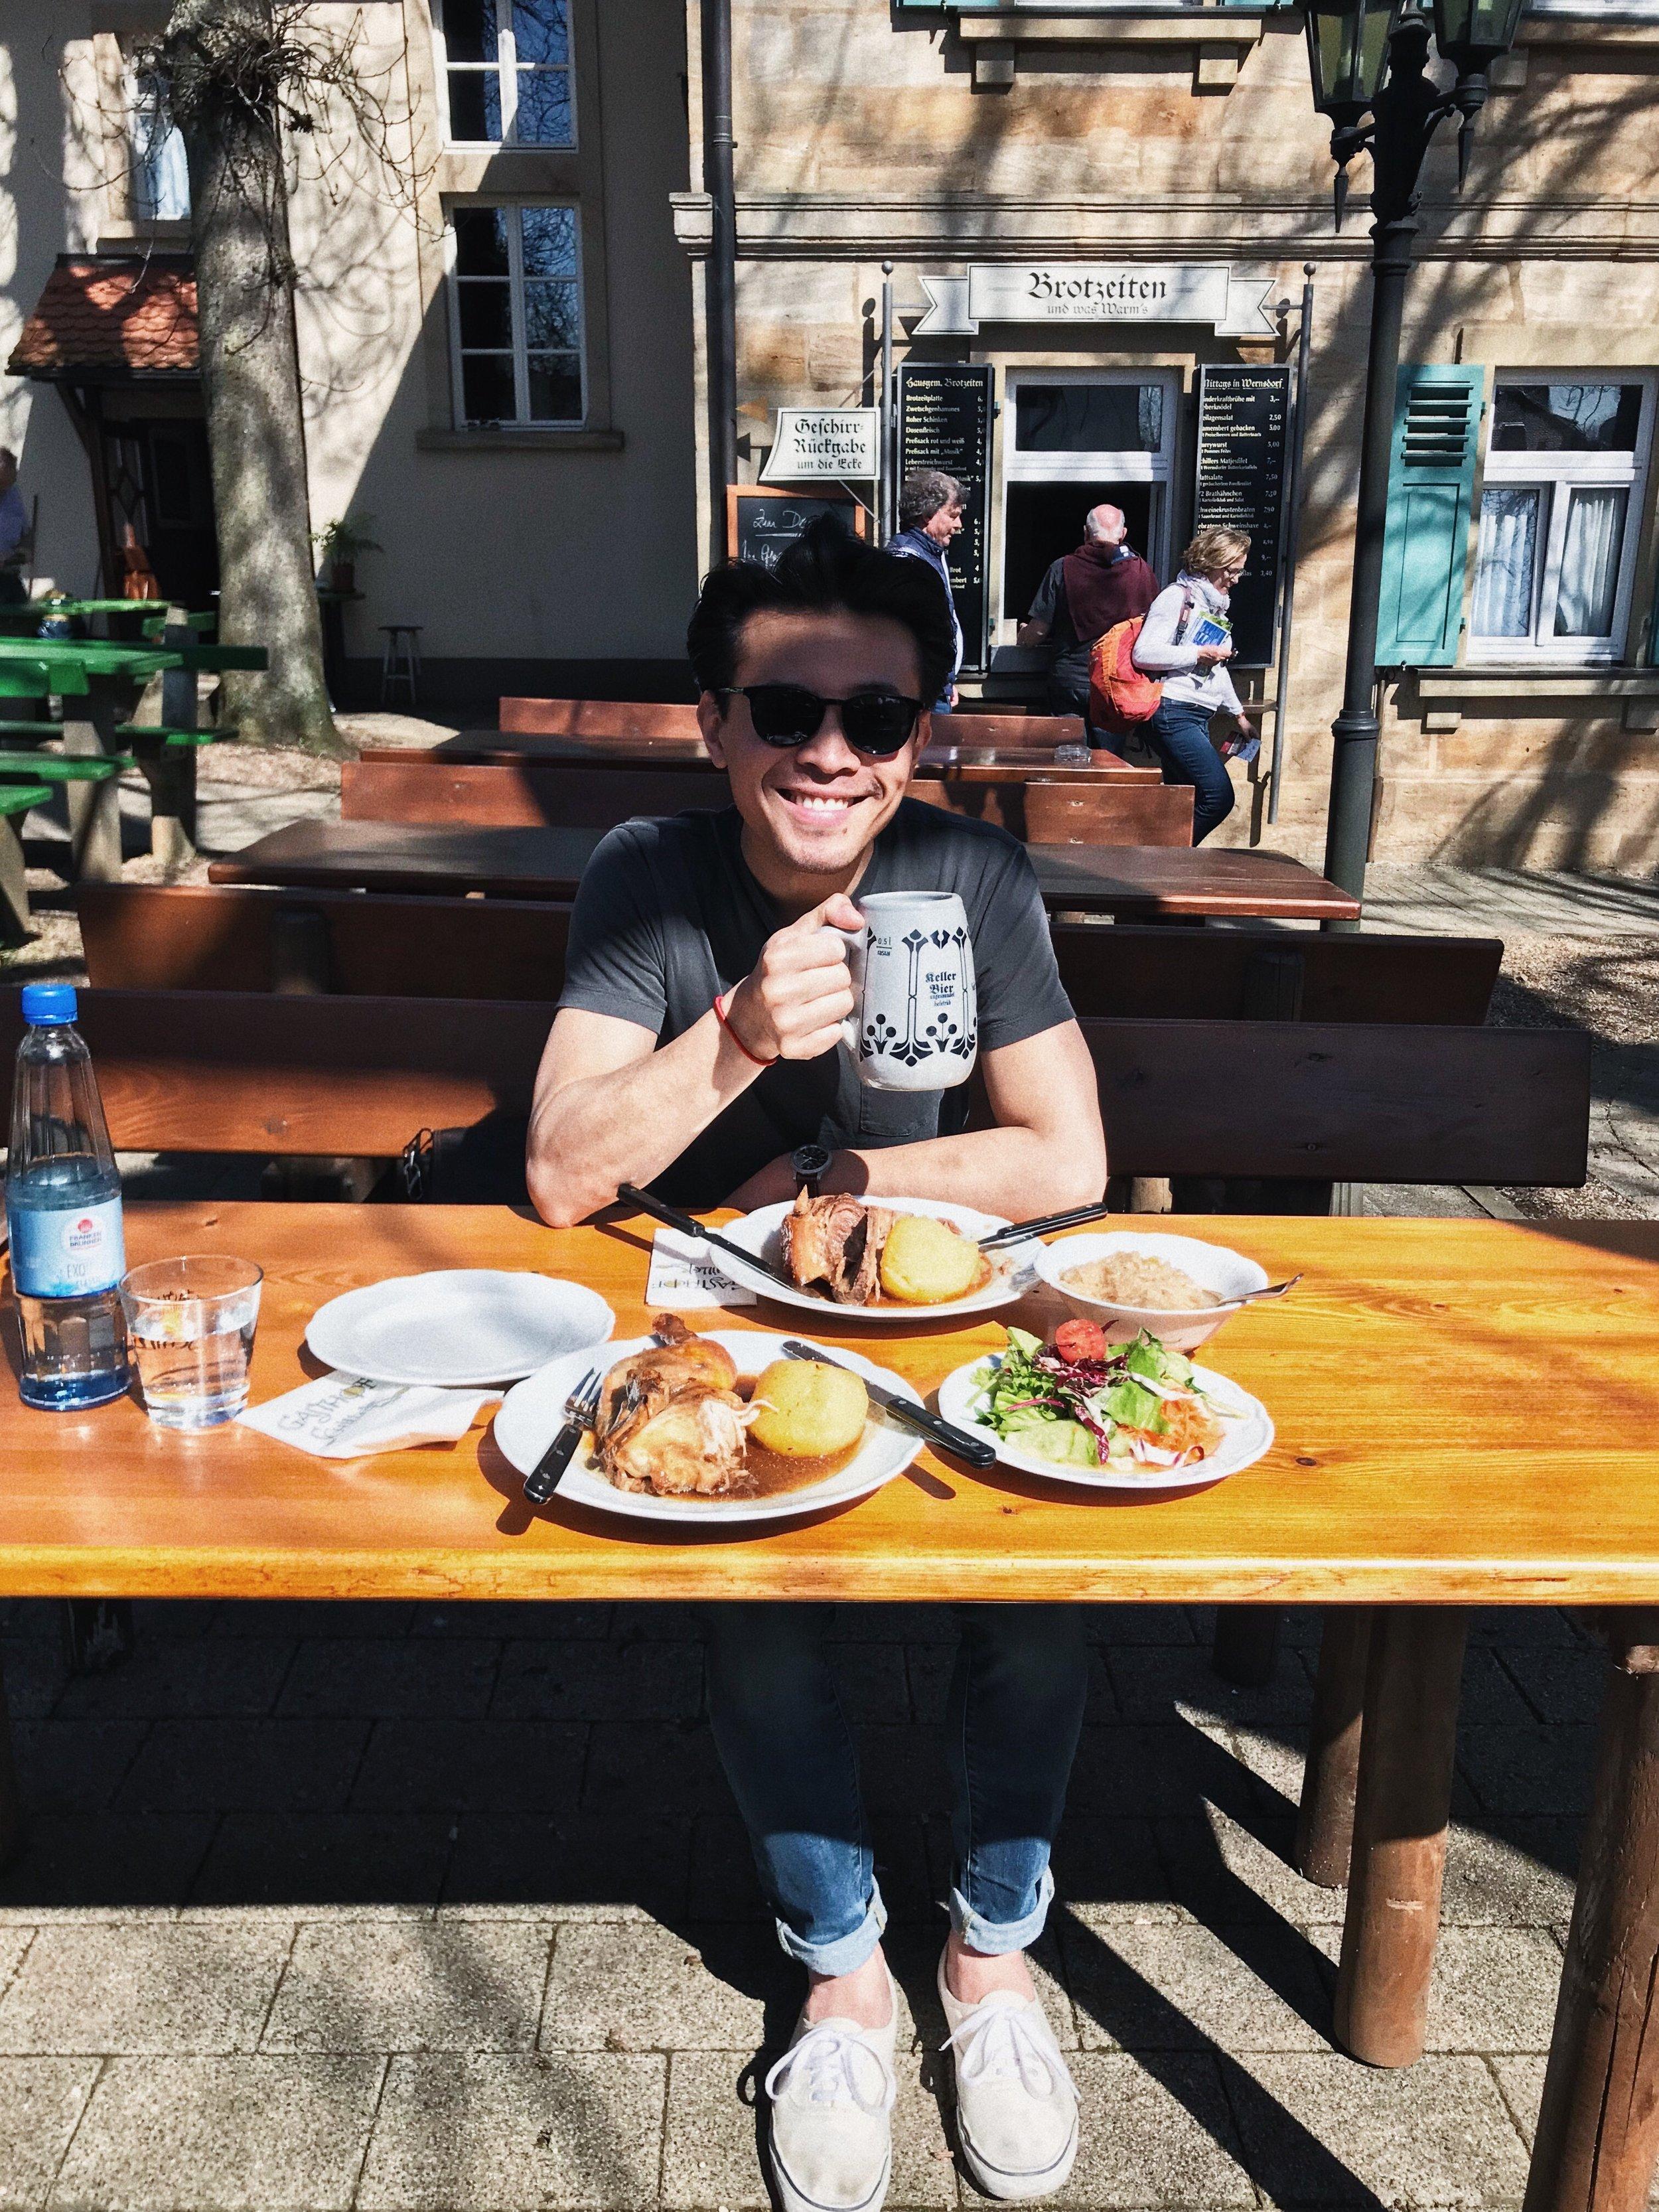 Having an outdoor meal at the Gasthof Schiller Biergarten!